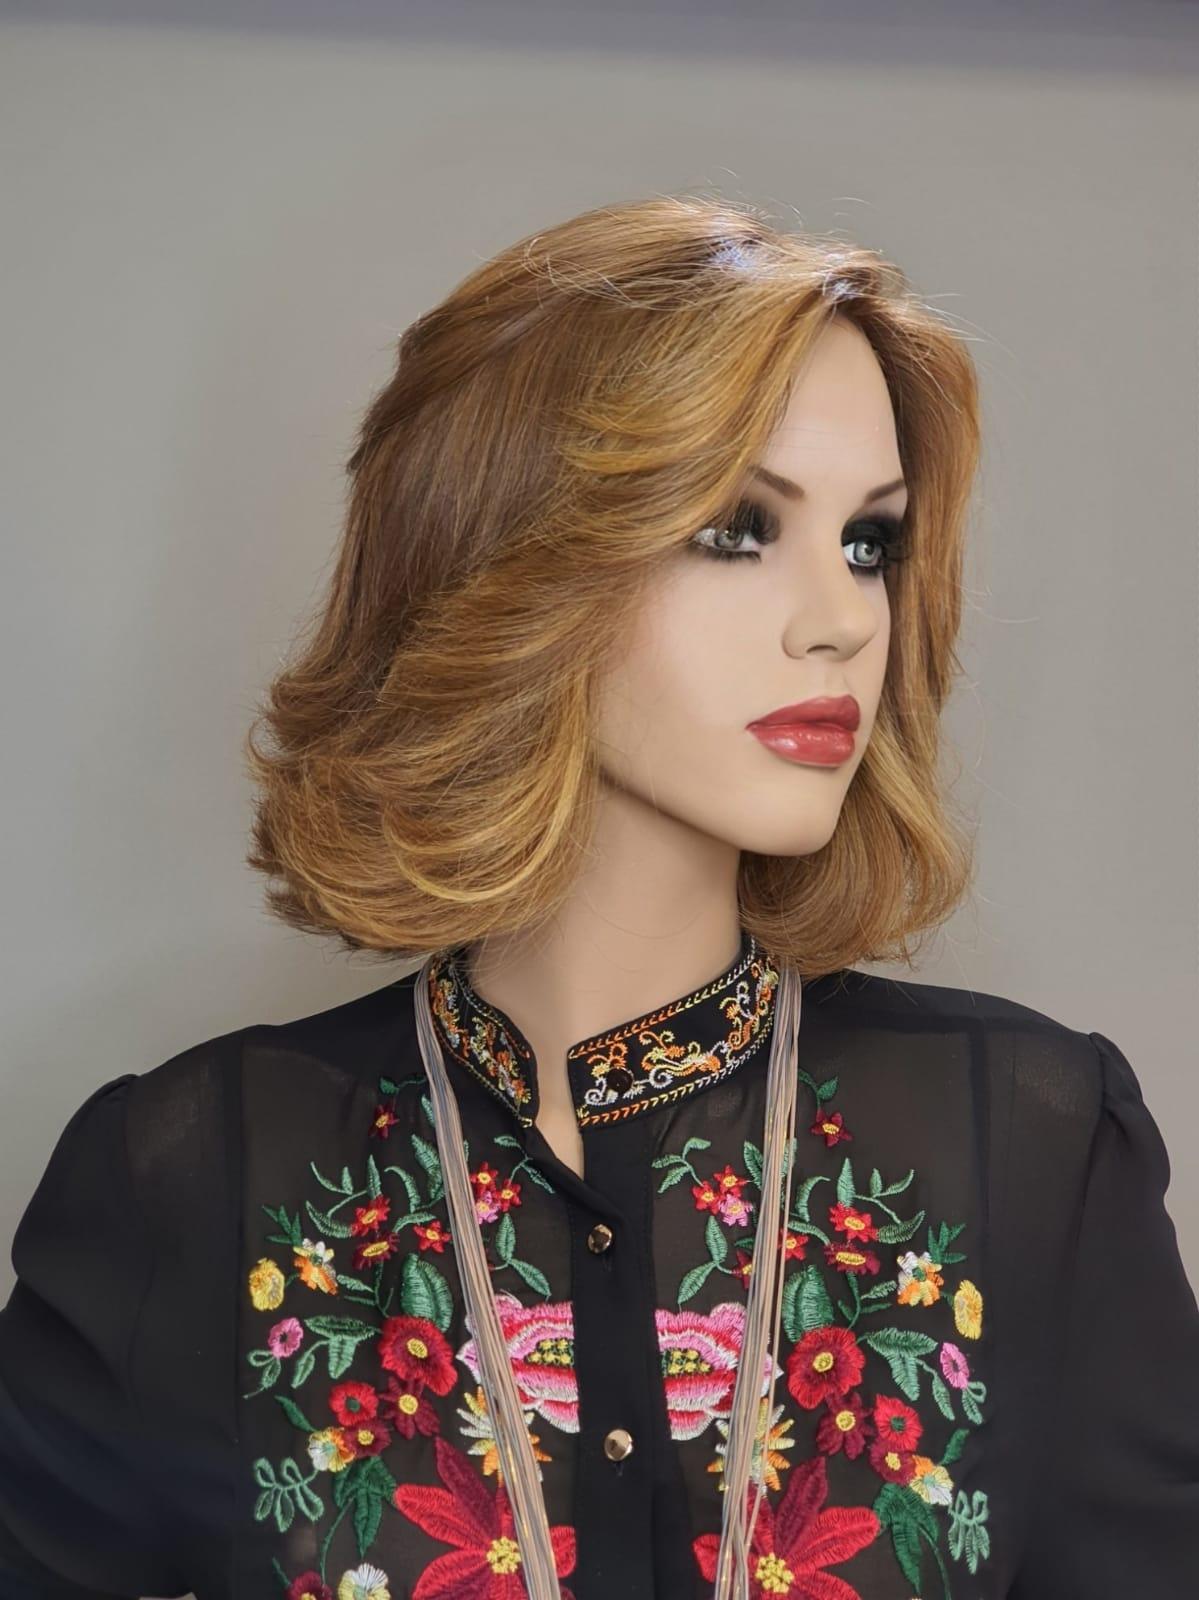 פאות טבעיות Custom made wigs מאת רבקה זהבי